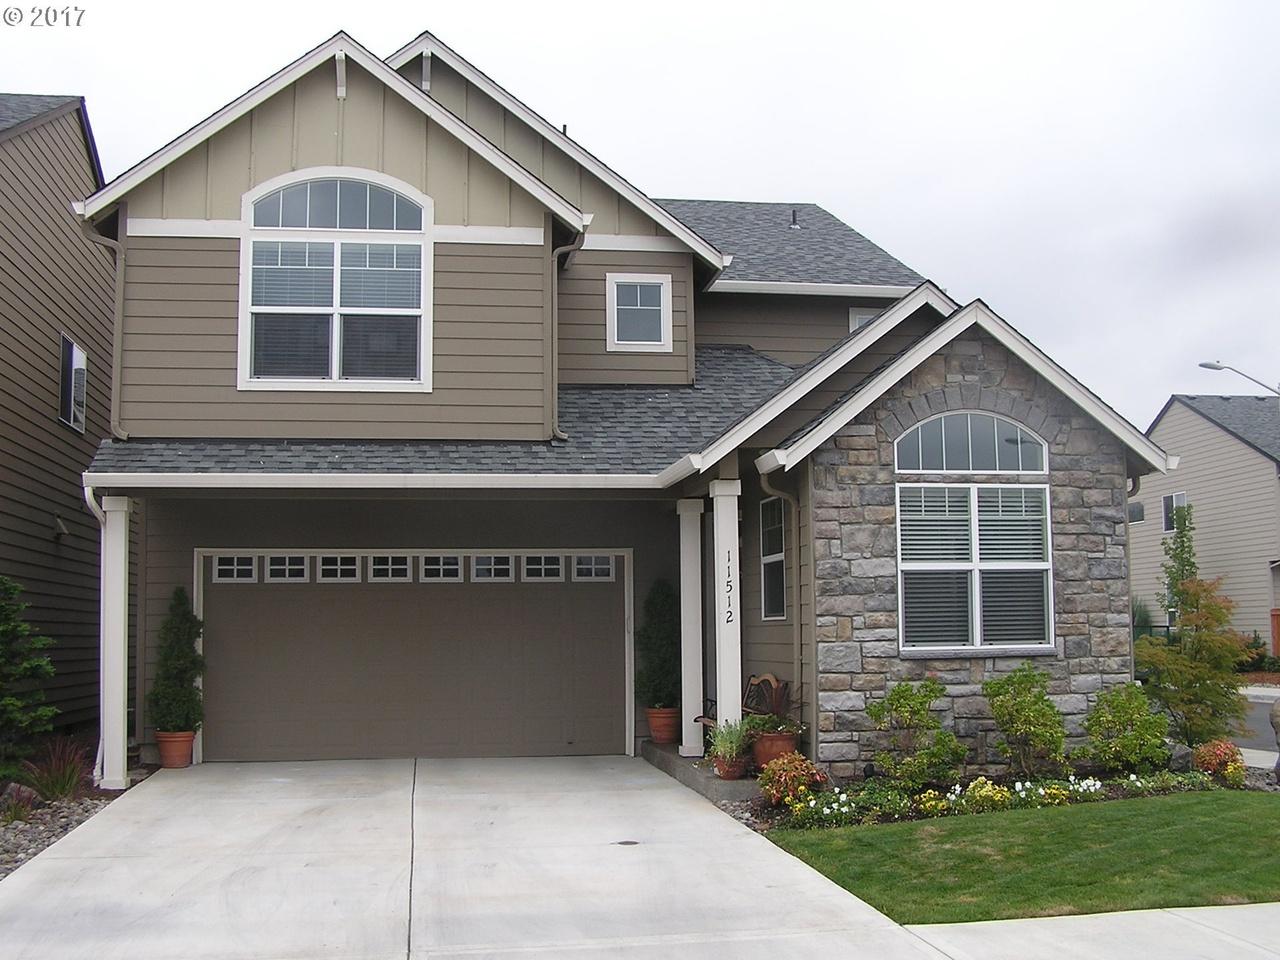 Hayden Homes Hudson Floor Plan: Hayden Homes Umpqua Floor Plan